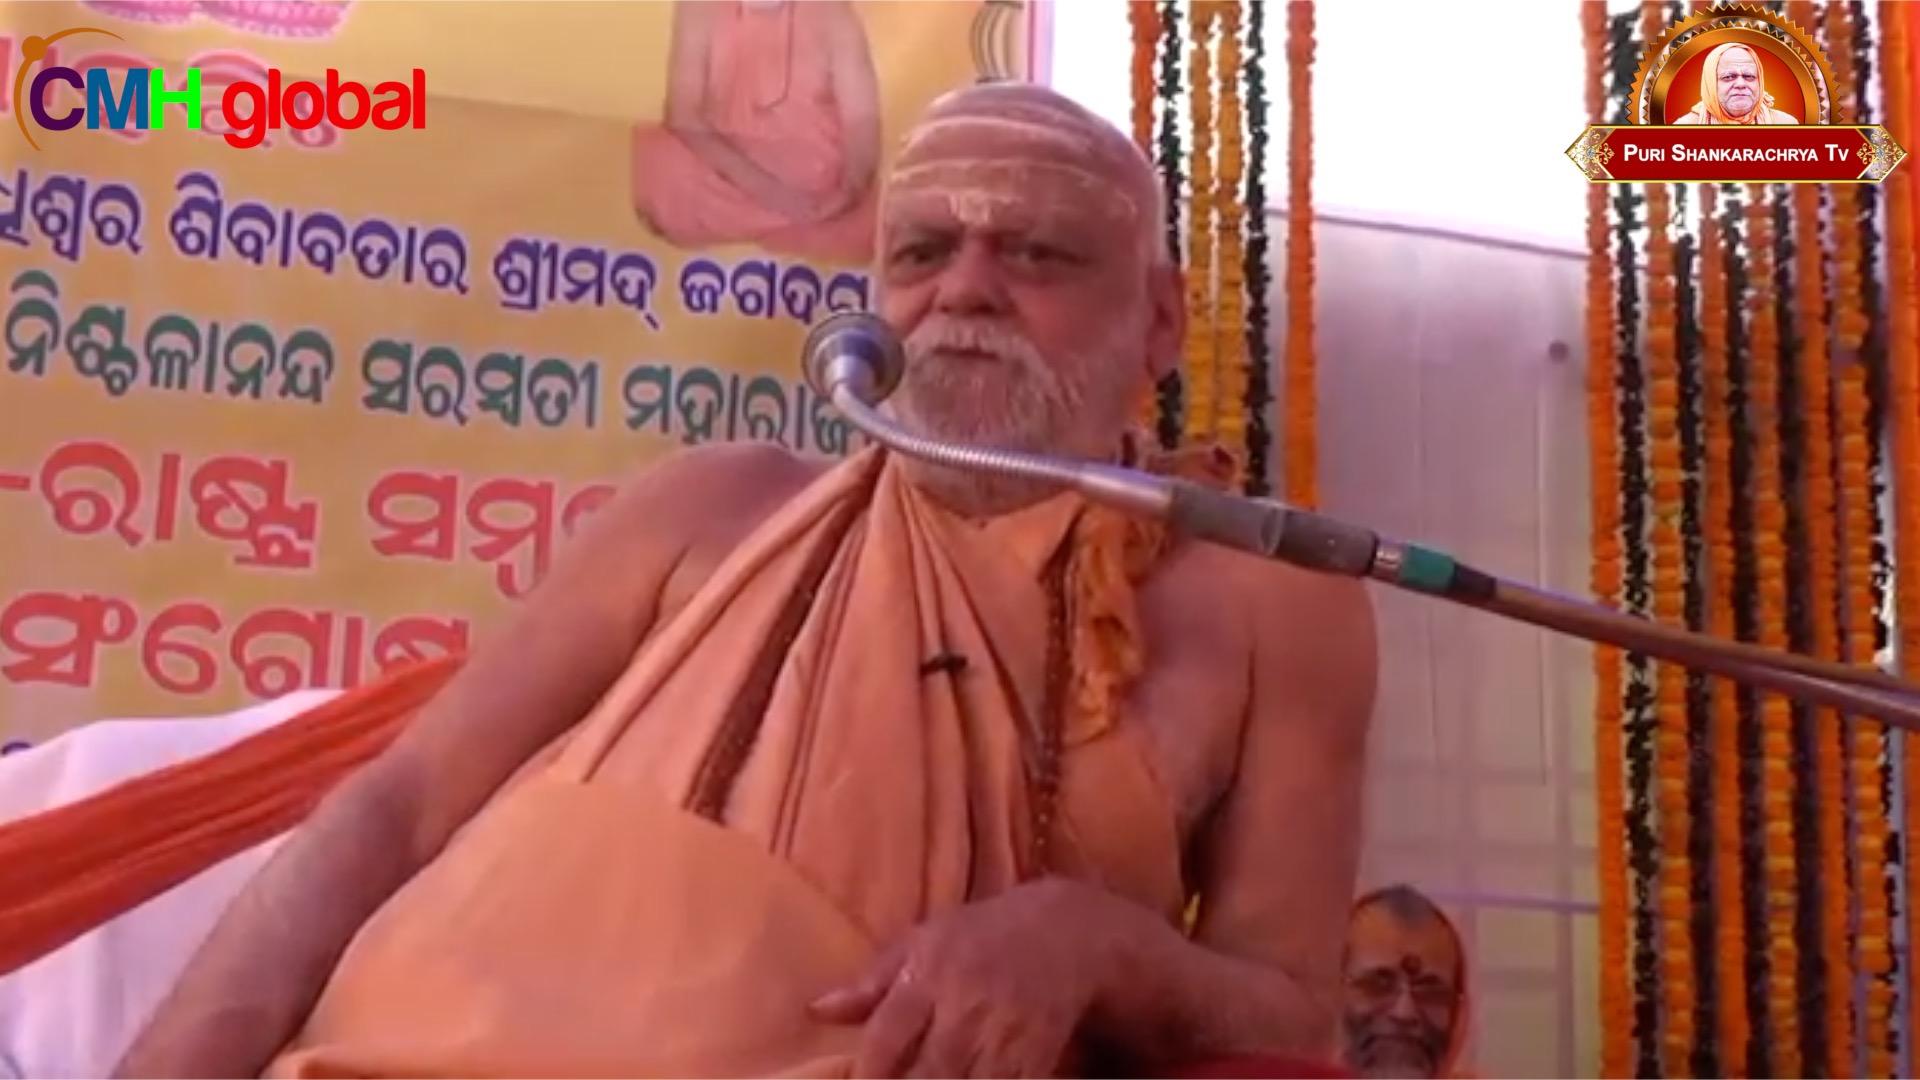 Gyan Dhara Ep -19 by Puri Shankaracharya Swami Nishchalananda Saraswati Ji